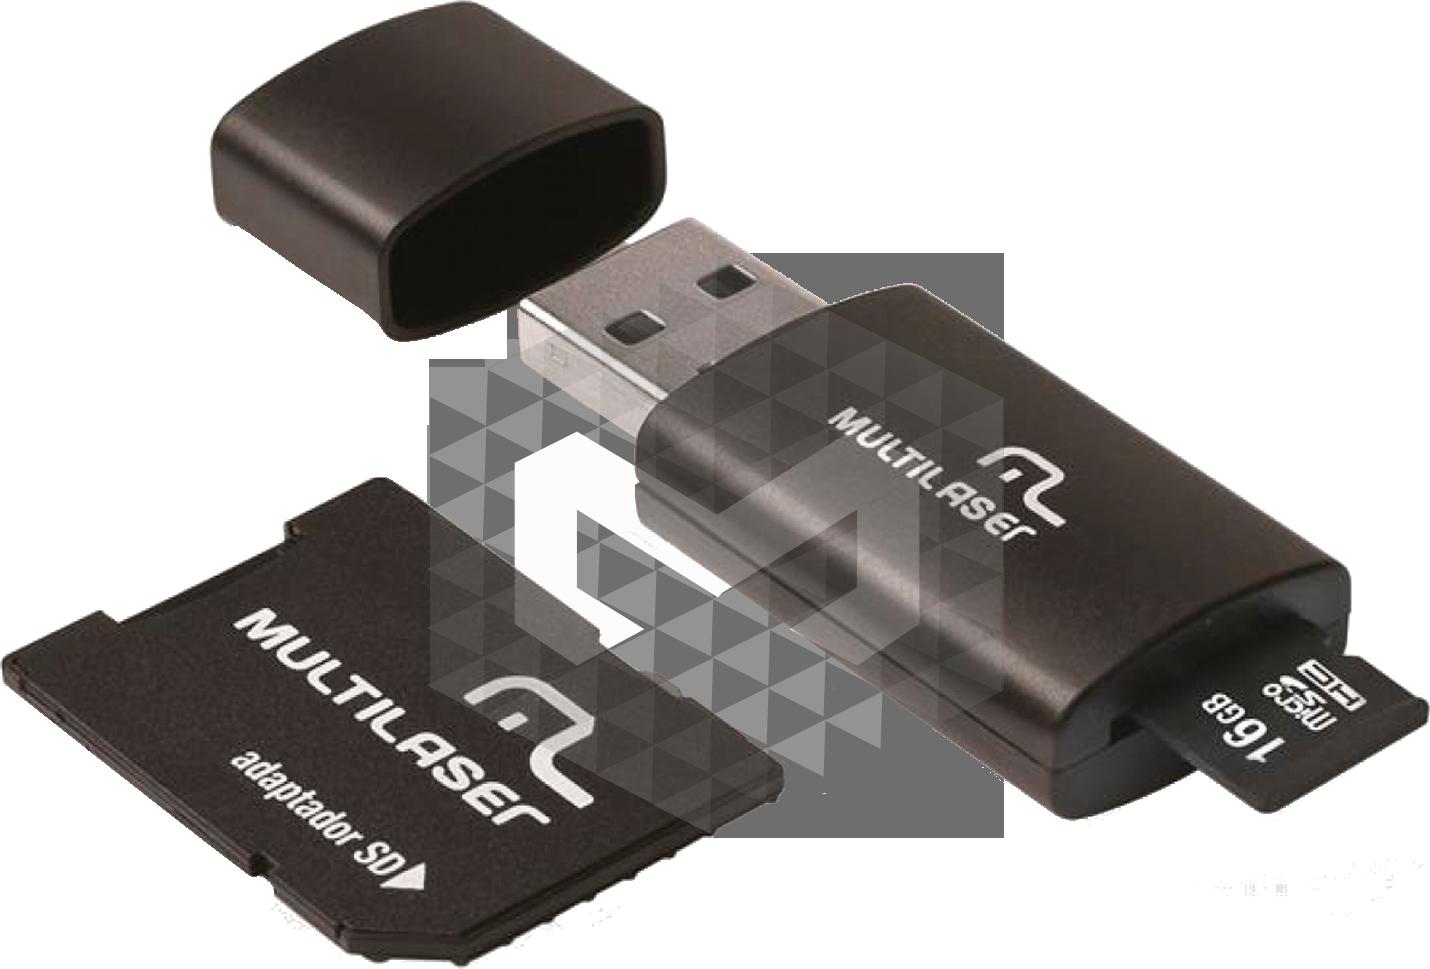 PenDrive-16Gb-multilaser-3-em-1